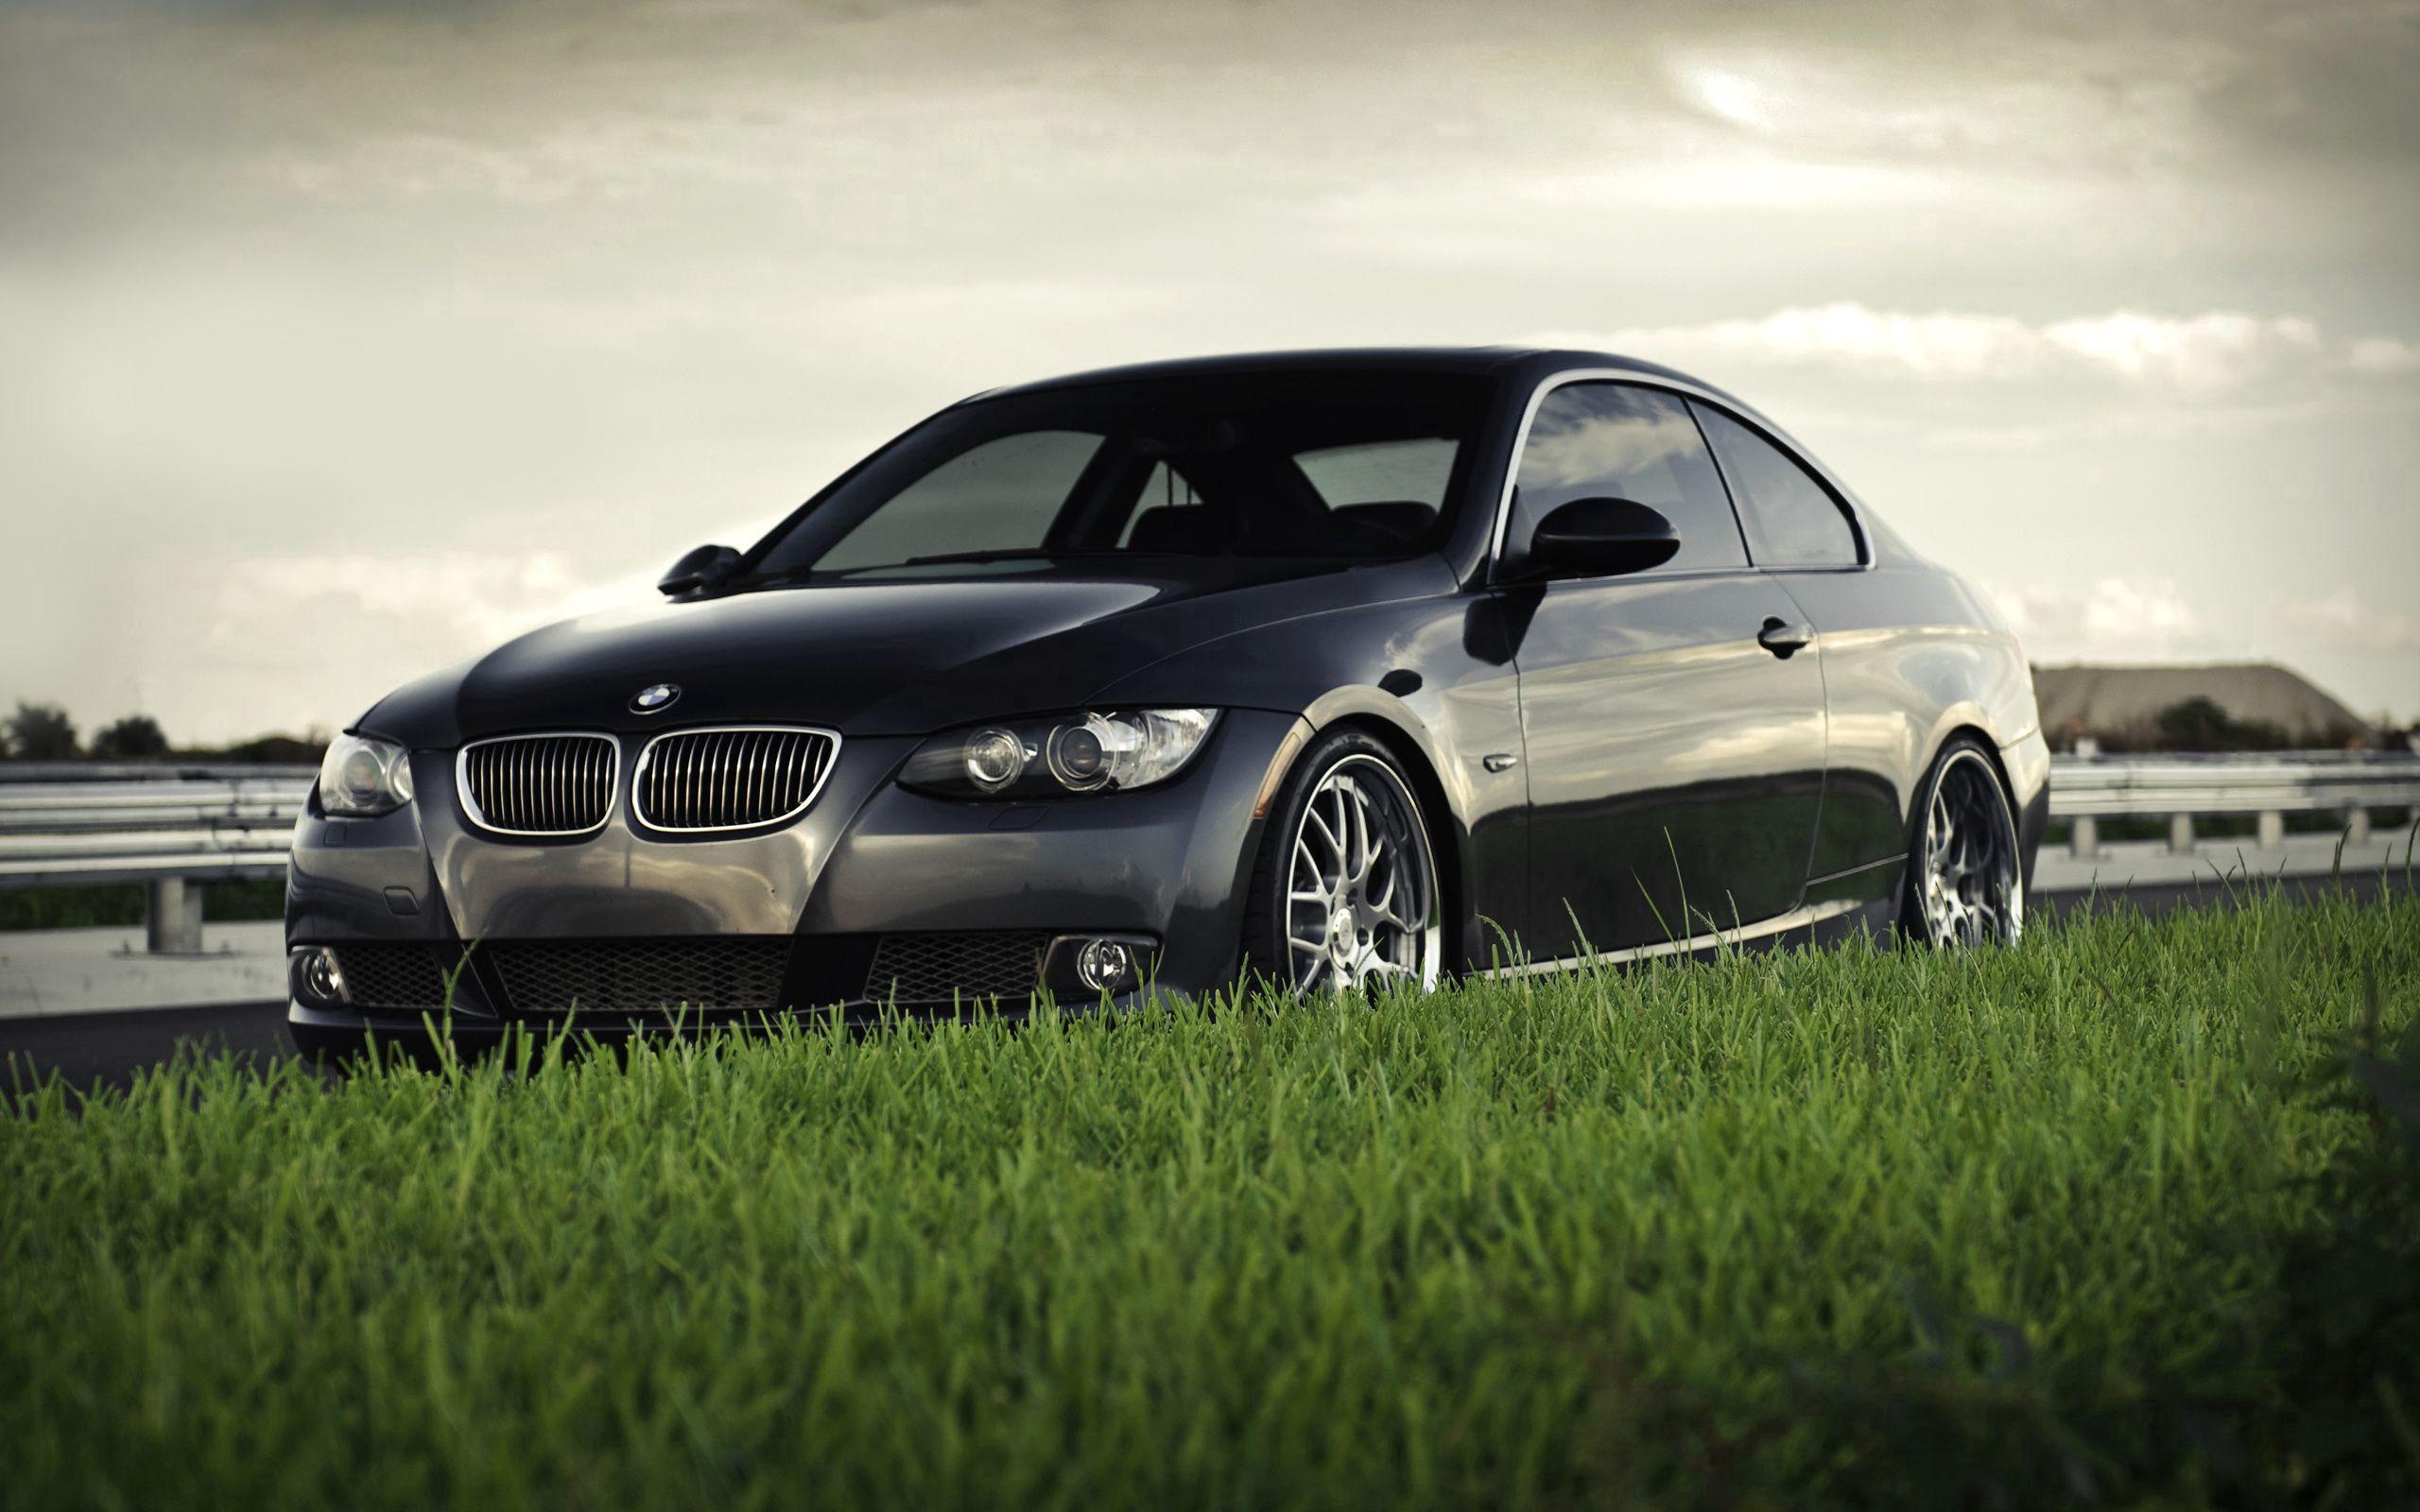 138475 скачать обои Бмв (Bmw), Трава, Тачки (Cars), Черный, Бмв, Газон, Bmw 3 Series Coupe 335I Coupe - заставки и картинки бесплатно